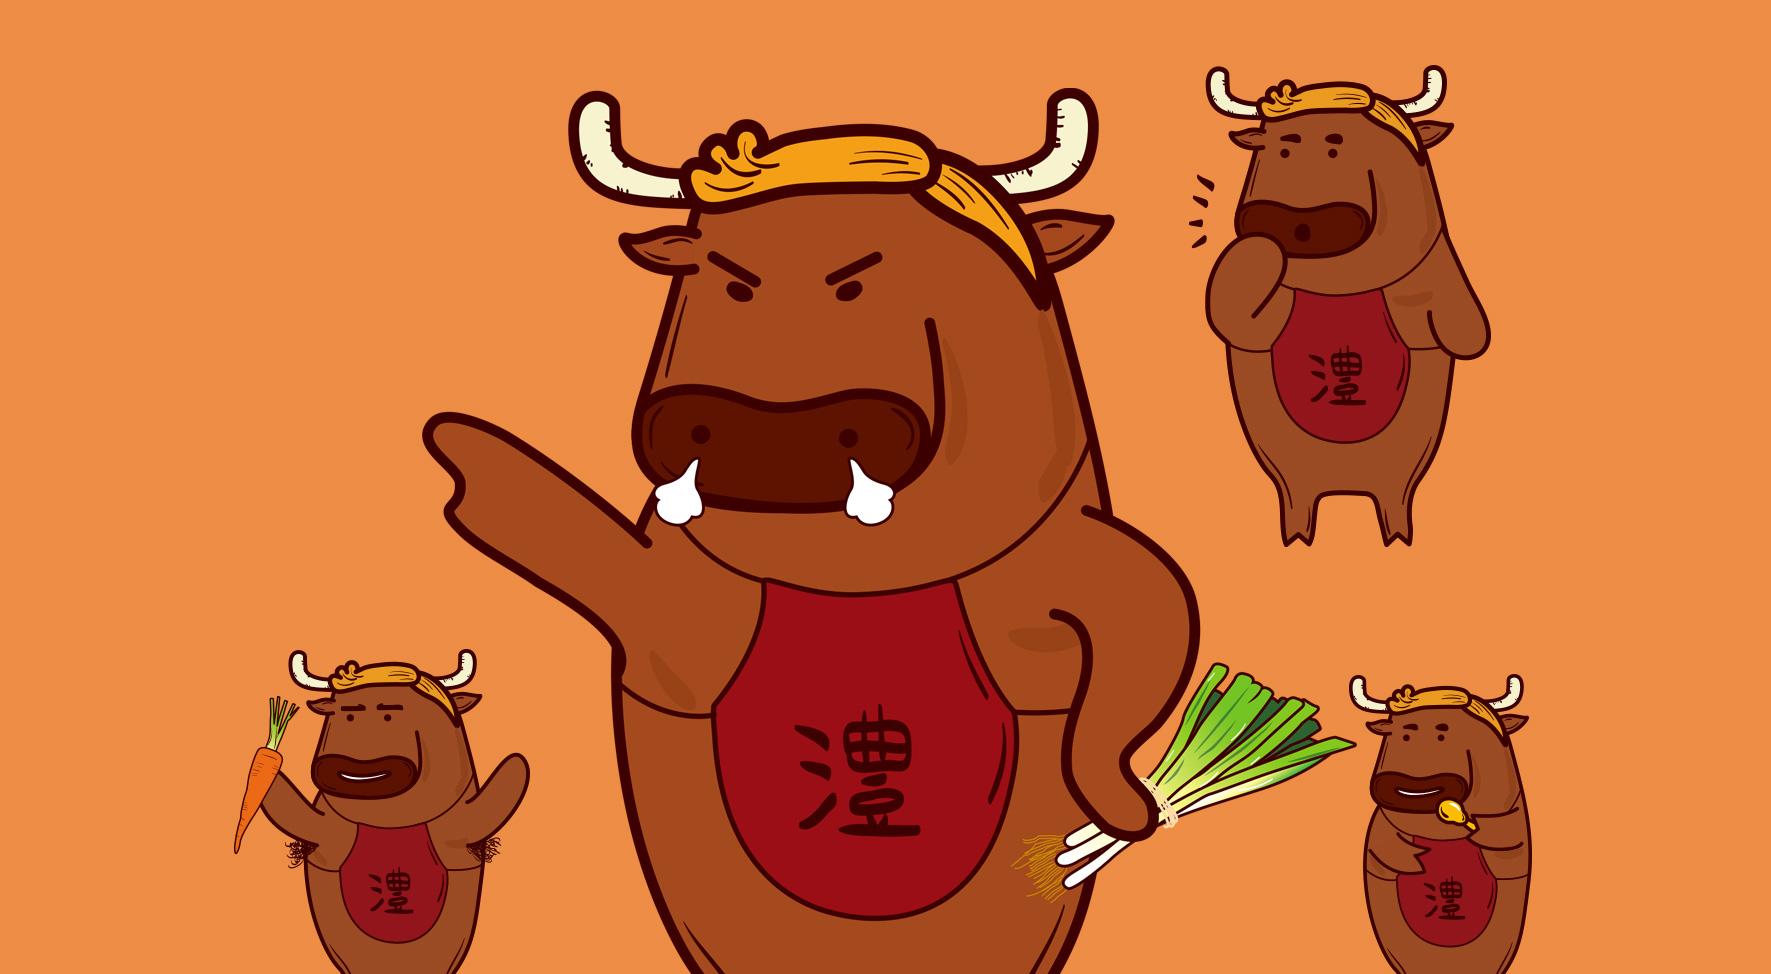 11(三滴水曲豆)